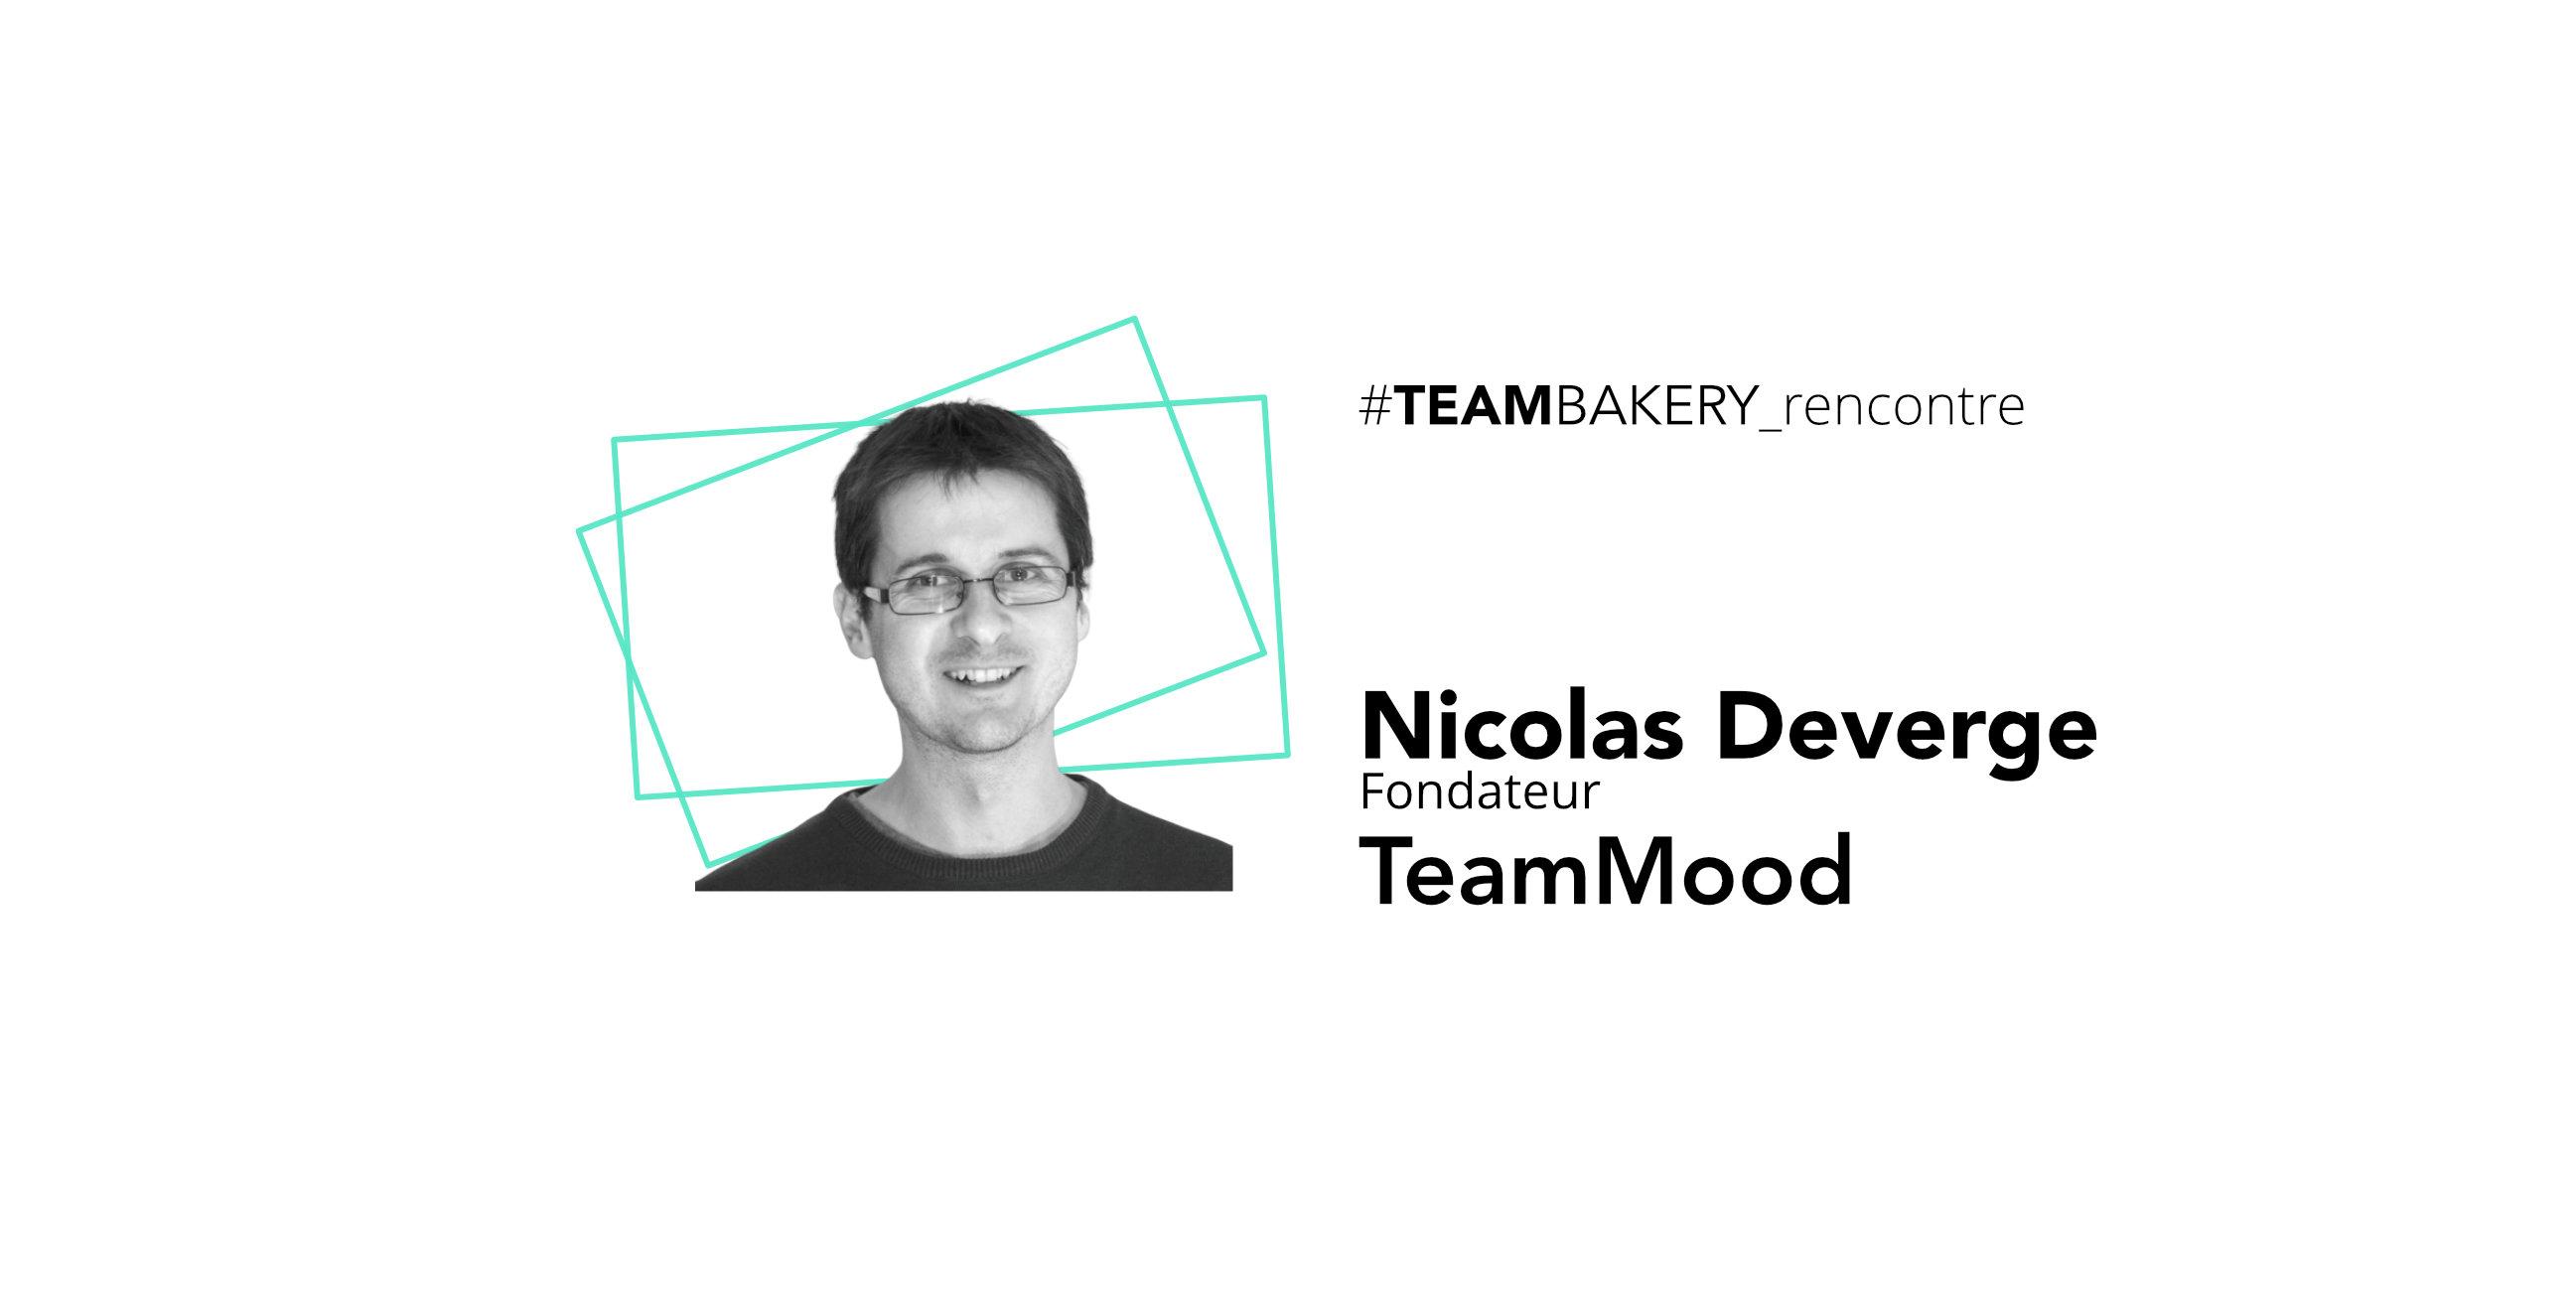 L'Agilité ou l'humain au coeur de l'organisation avec Nicolas Deverge, fondateur de TeamMood